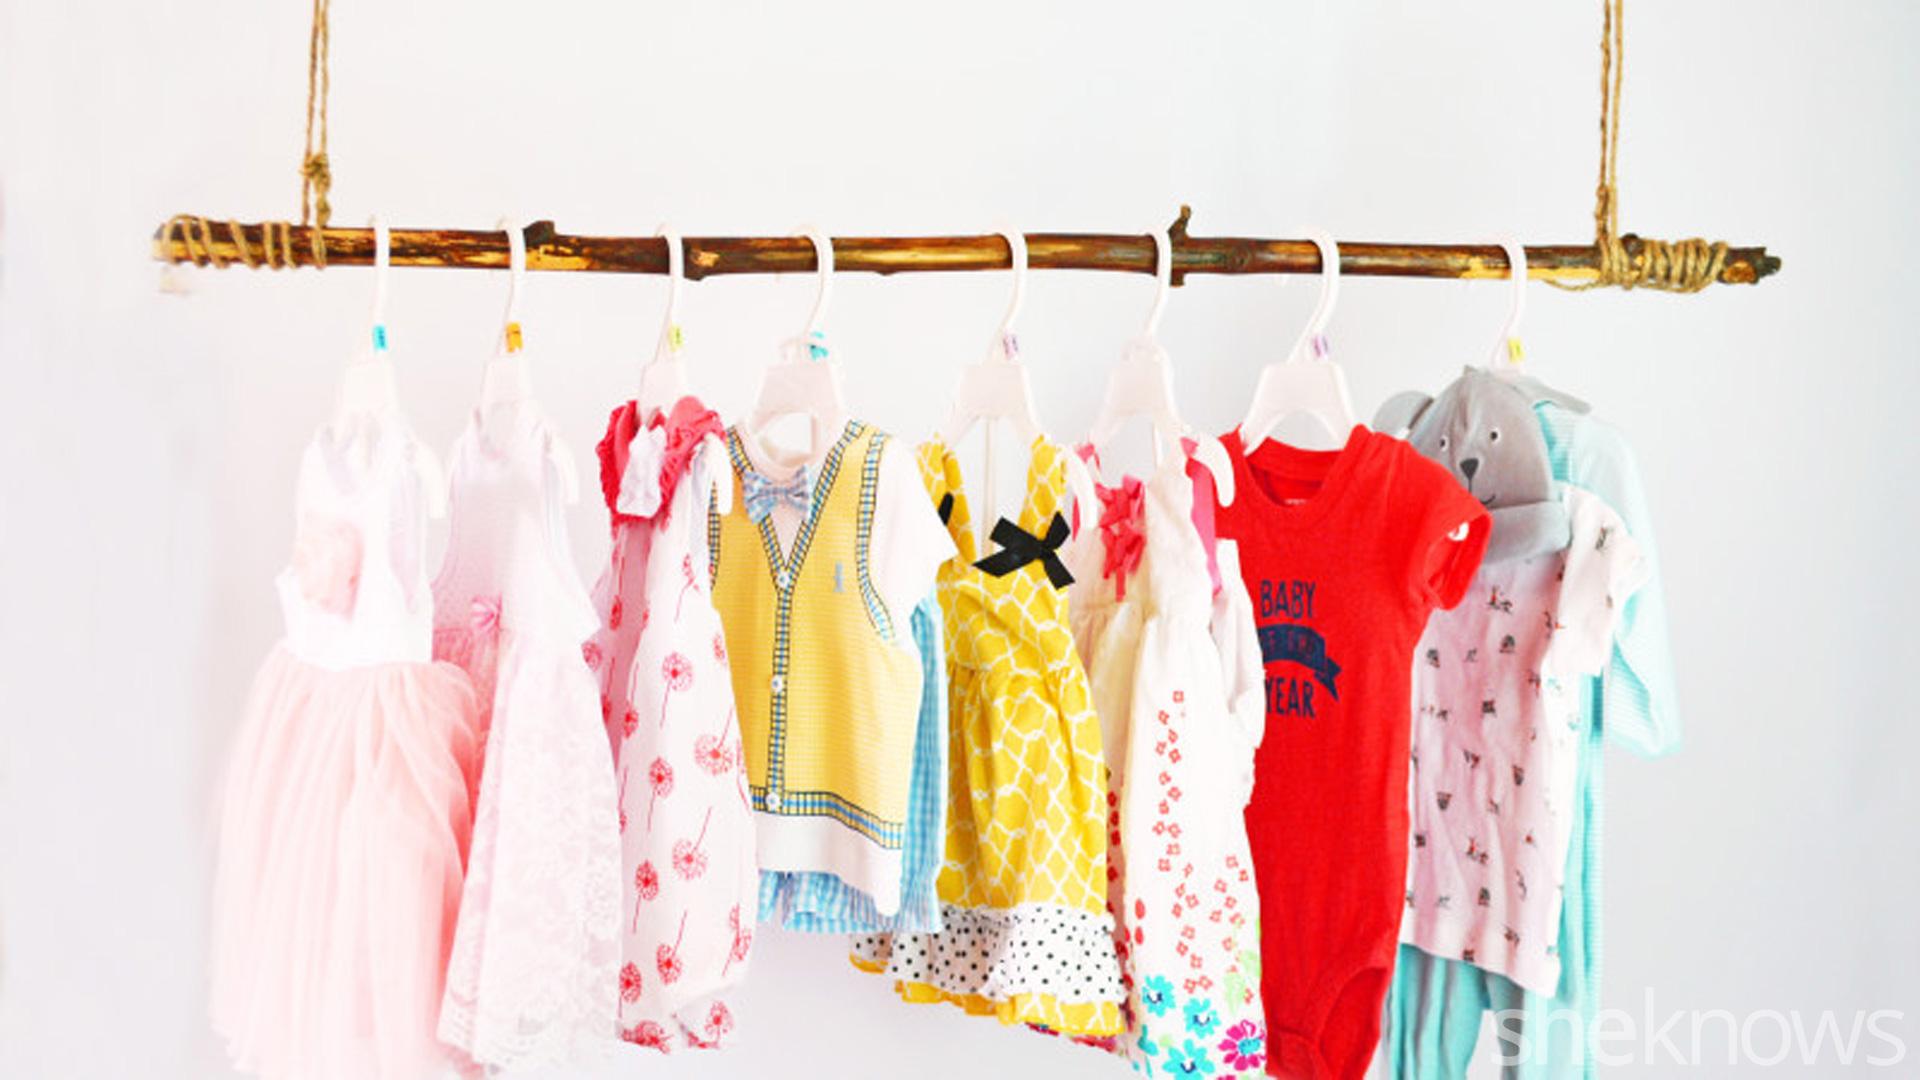 أفكار لترتيب الملابس